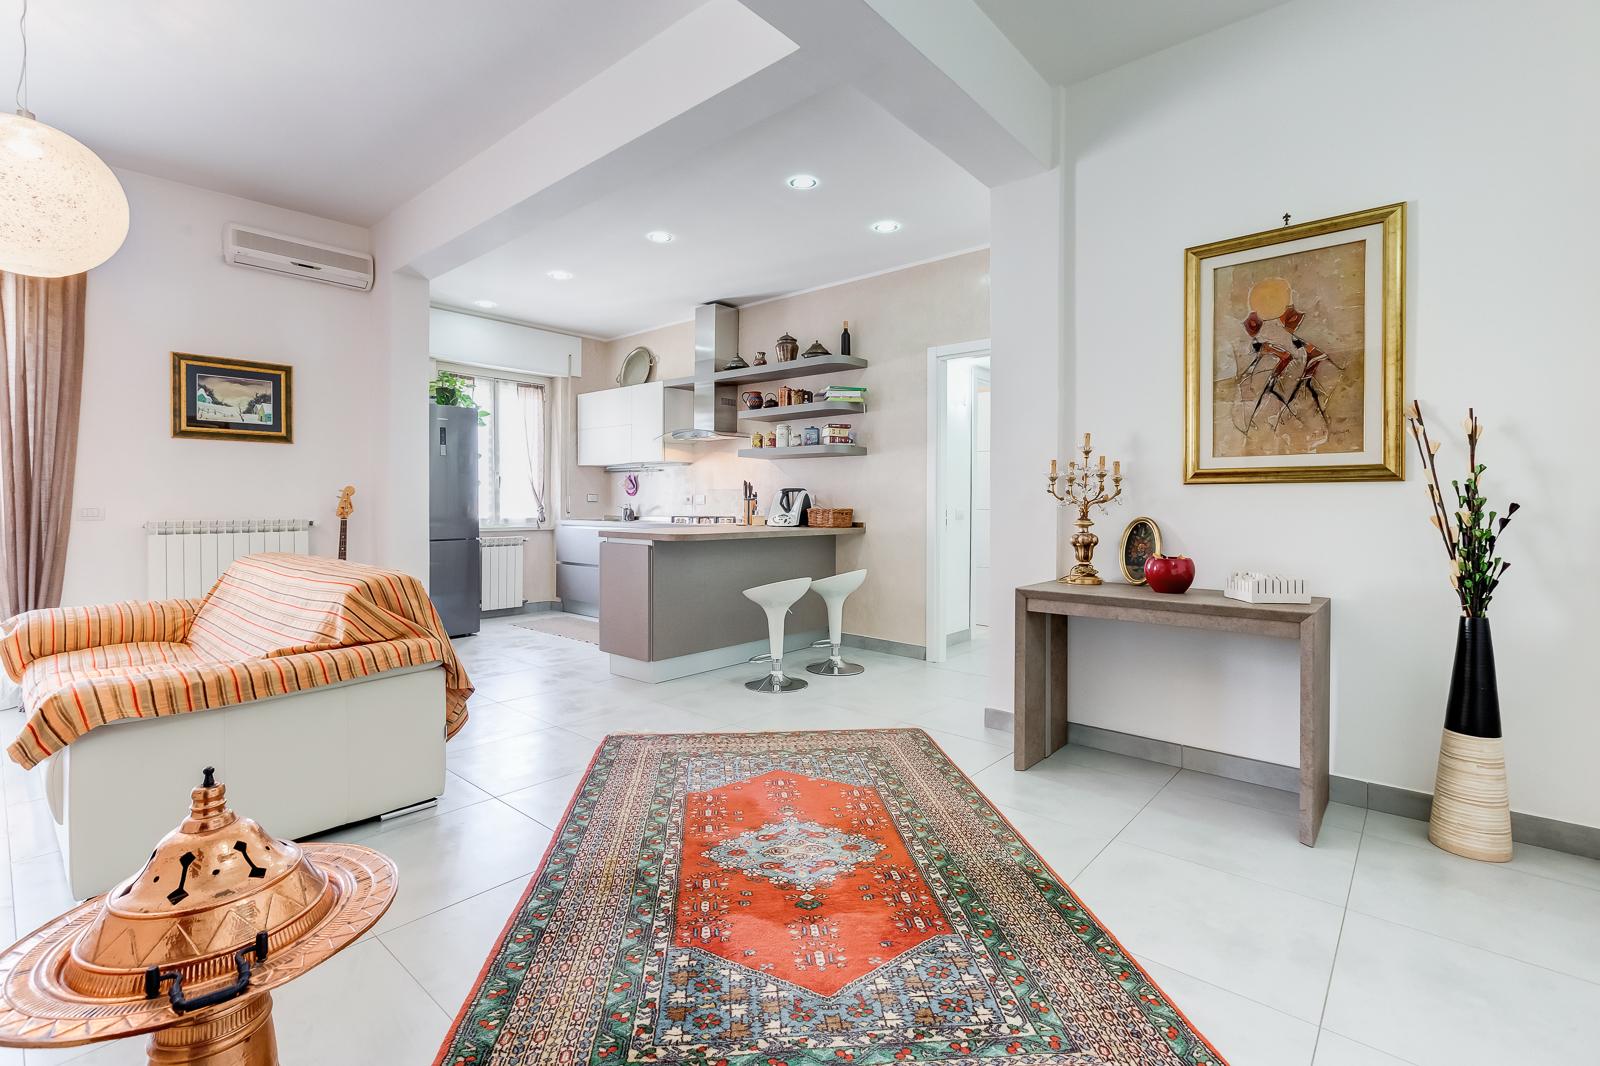 1181688 Appartamento in vendita Roma Tor Sapienza